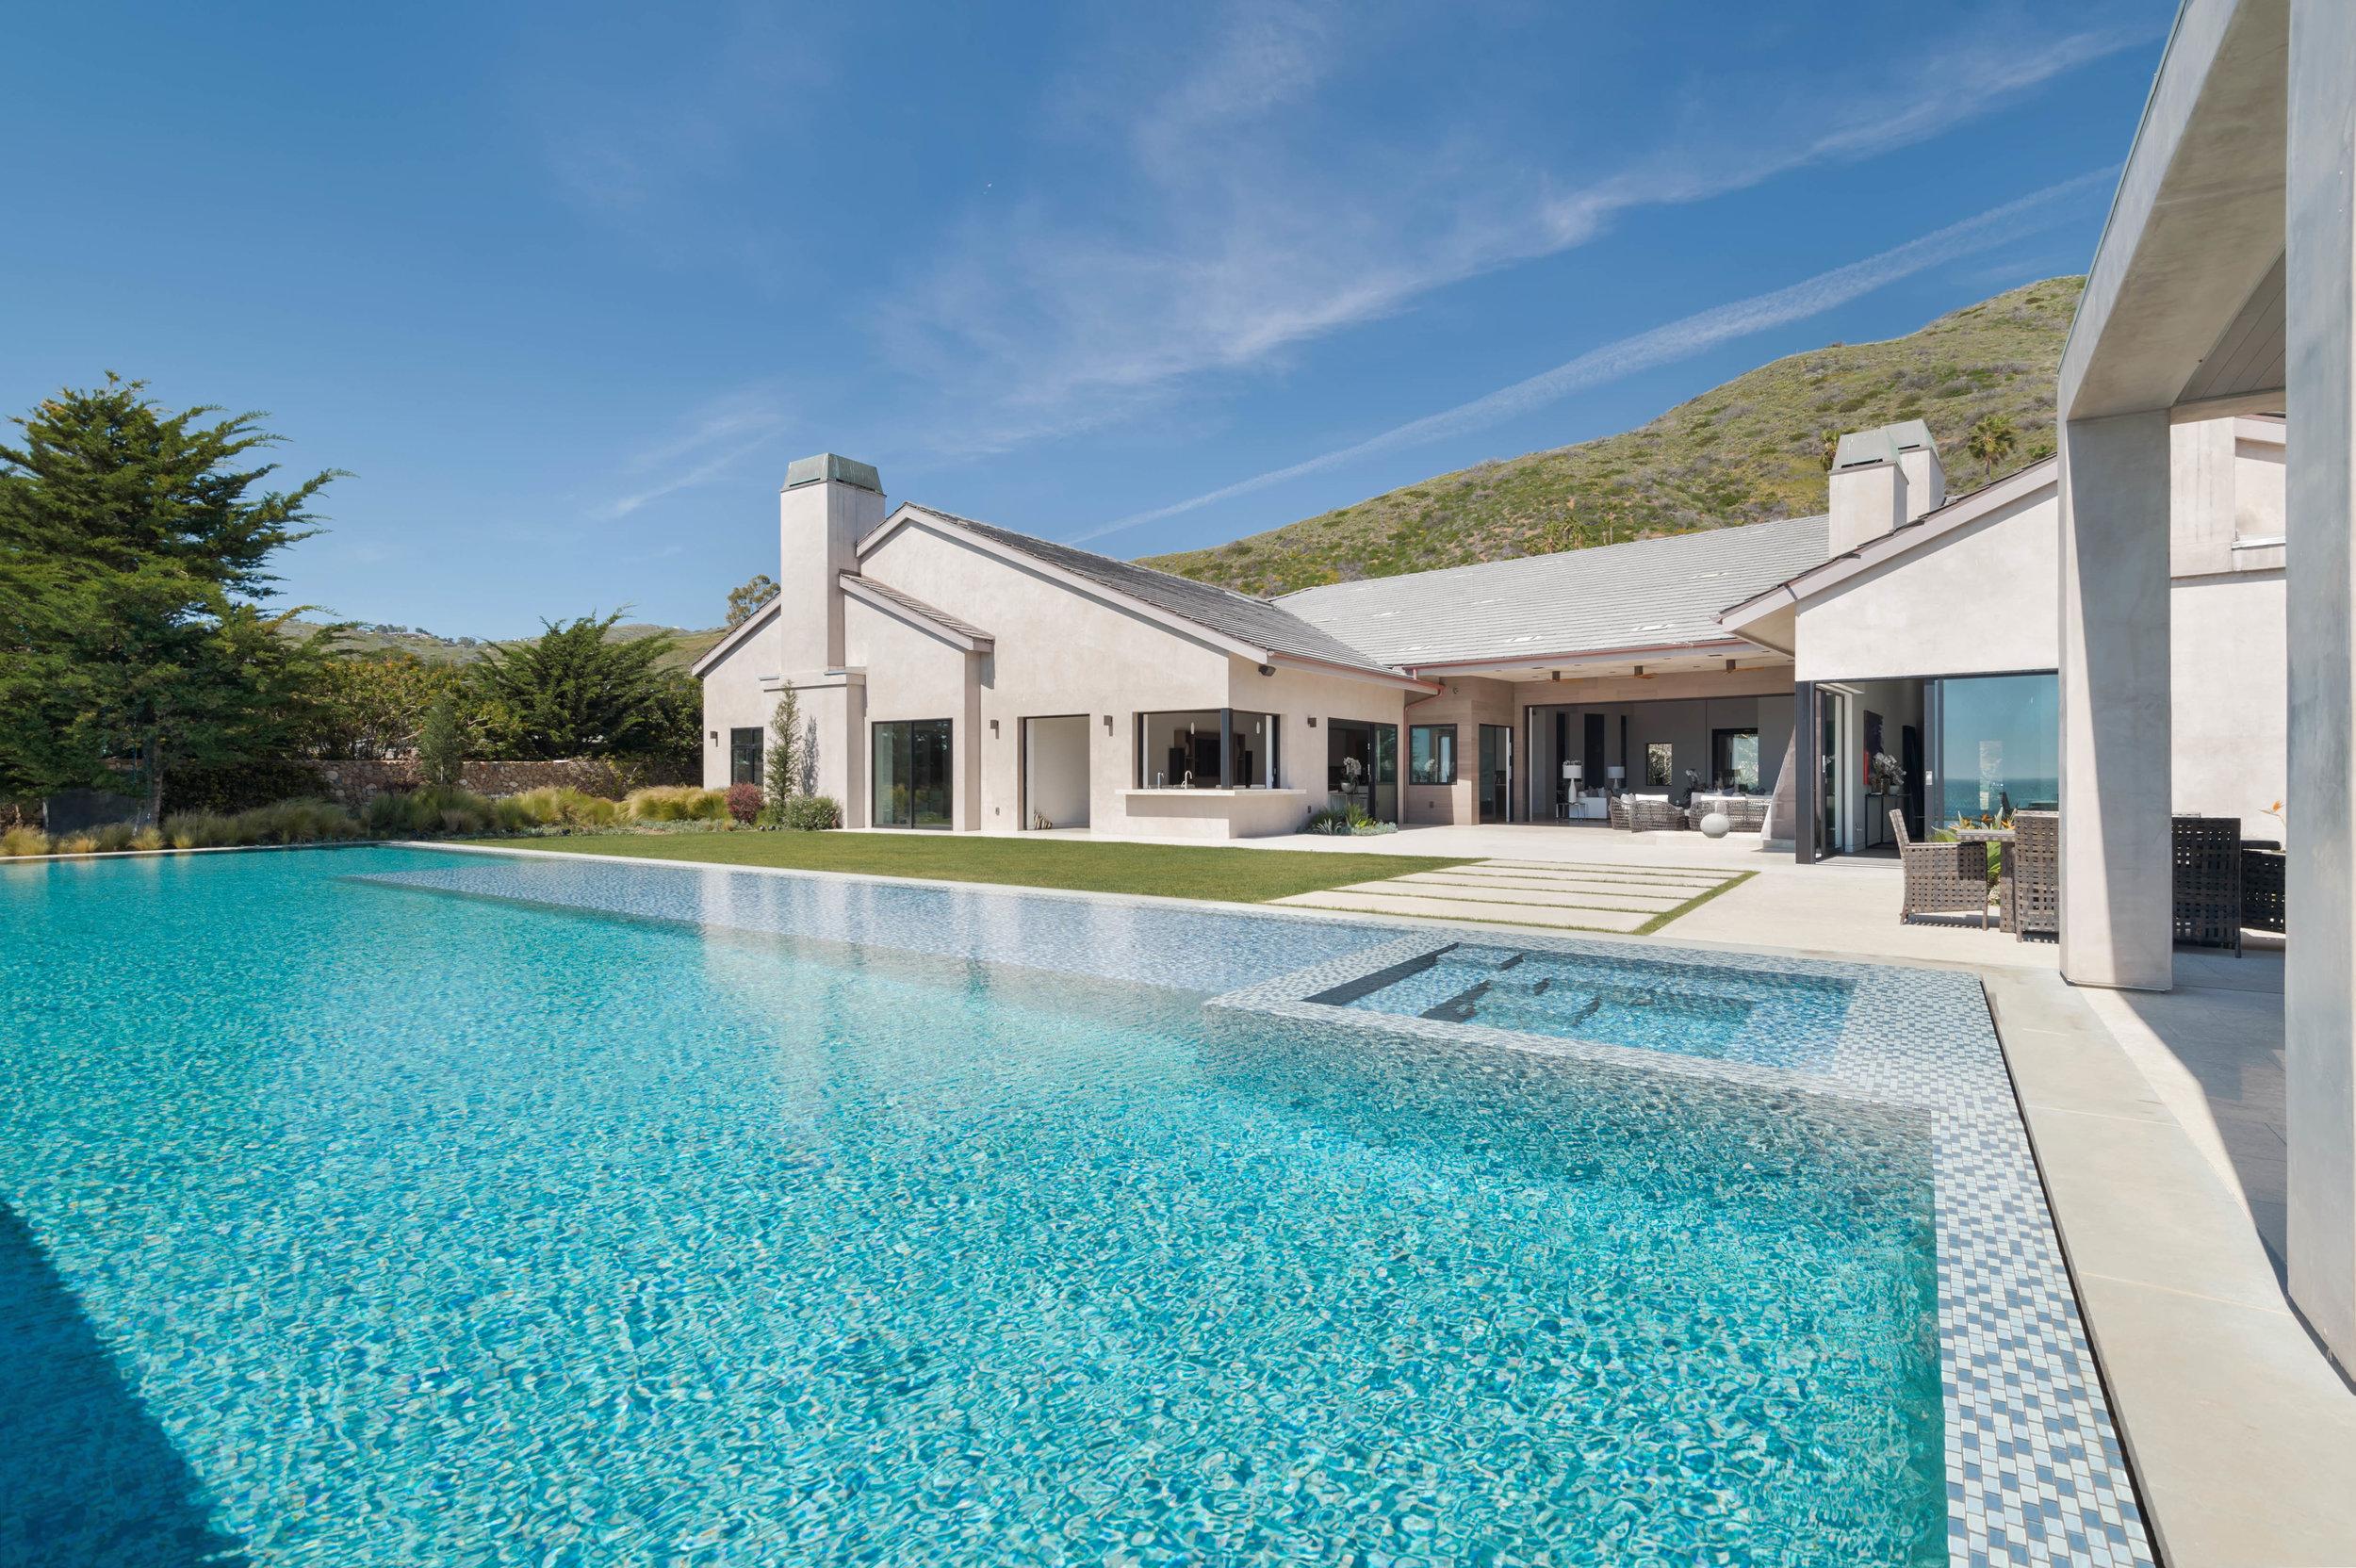 006 pool 3 11902 Ellice Street Malibu For Sale The Malibu Life Team Luxury Real Estate.jpg